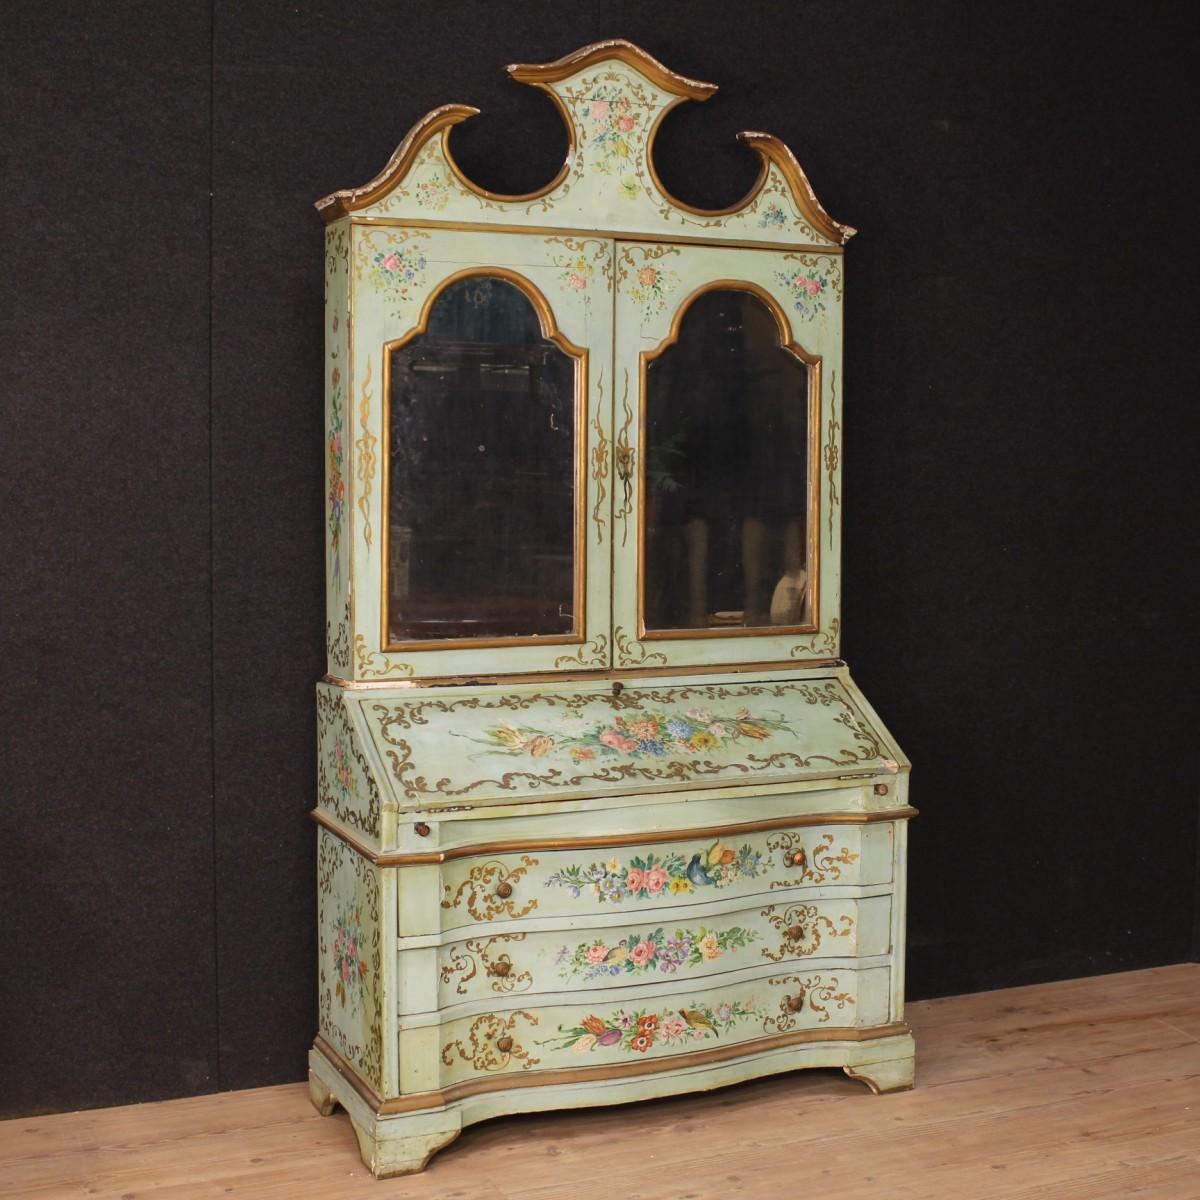 Vendere mobili antichi consigli e indirizzi for Mobili antichi